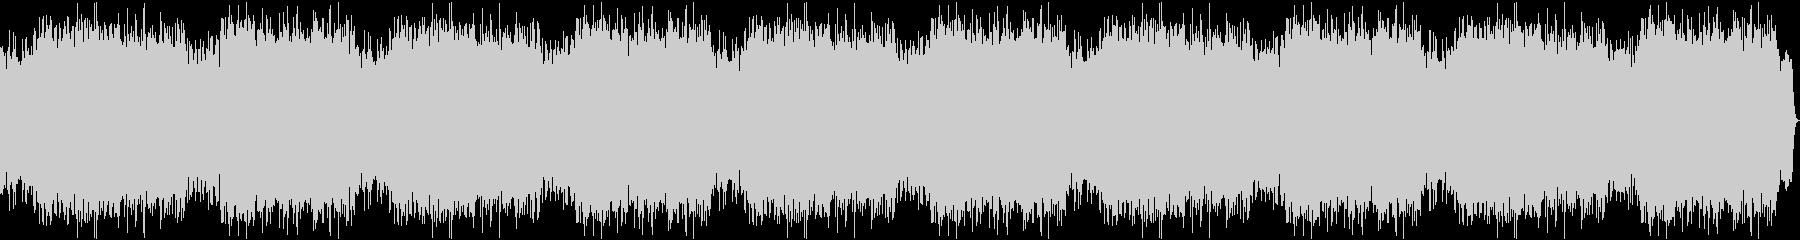 企業VP8 14分16bit44kVerの未再生の波形